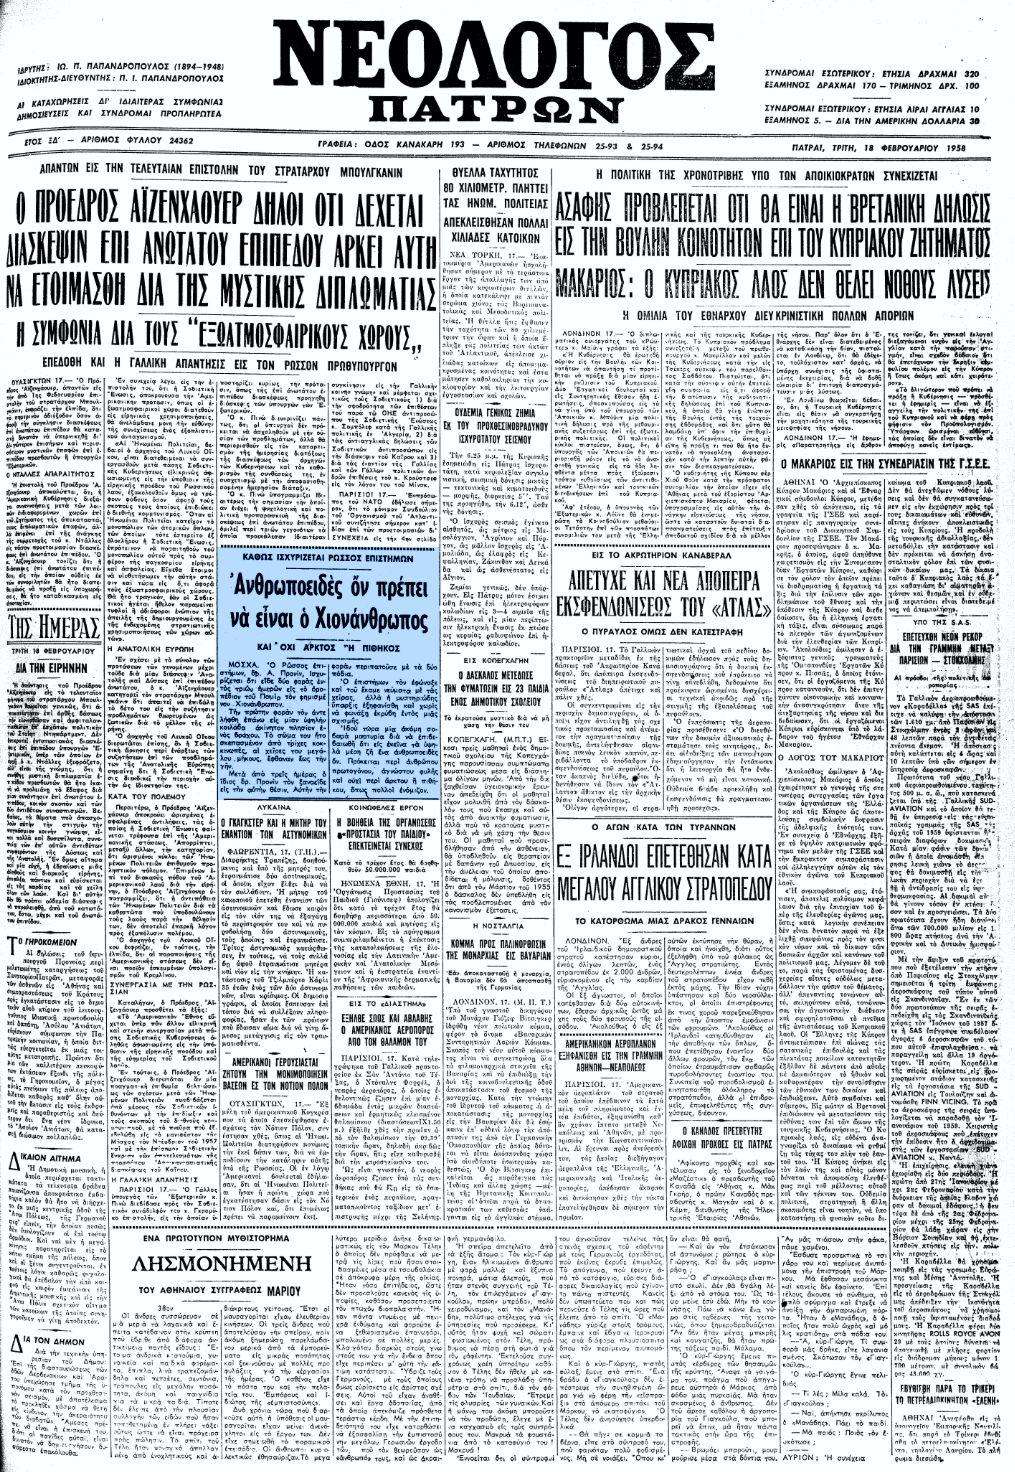 """Το άρθρο, όπως δημοσιεύθηκε στην εφημερίδα """"ΝΕΟΛΟΓΟΣ ΠΑΤΡΩΝ"""", στις 18/02/1958"""